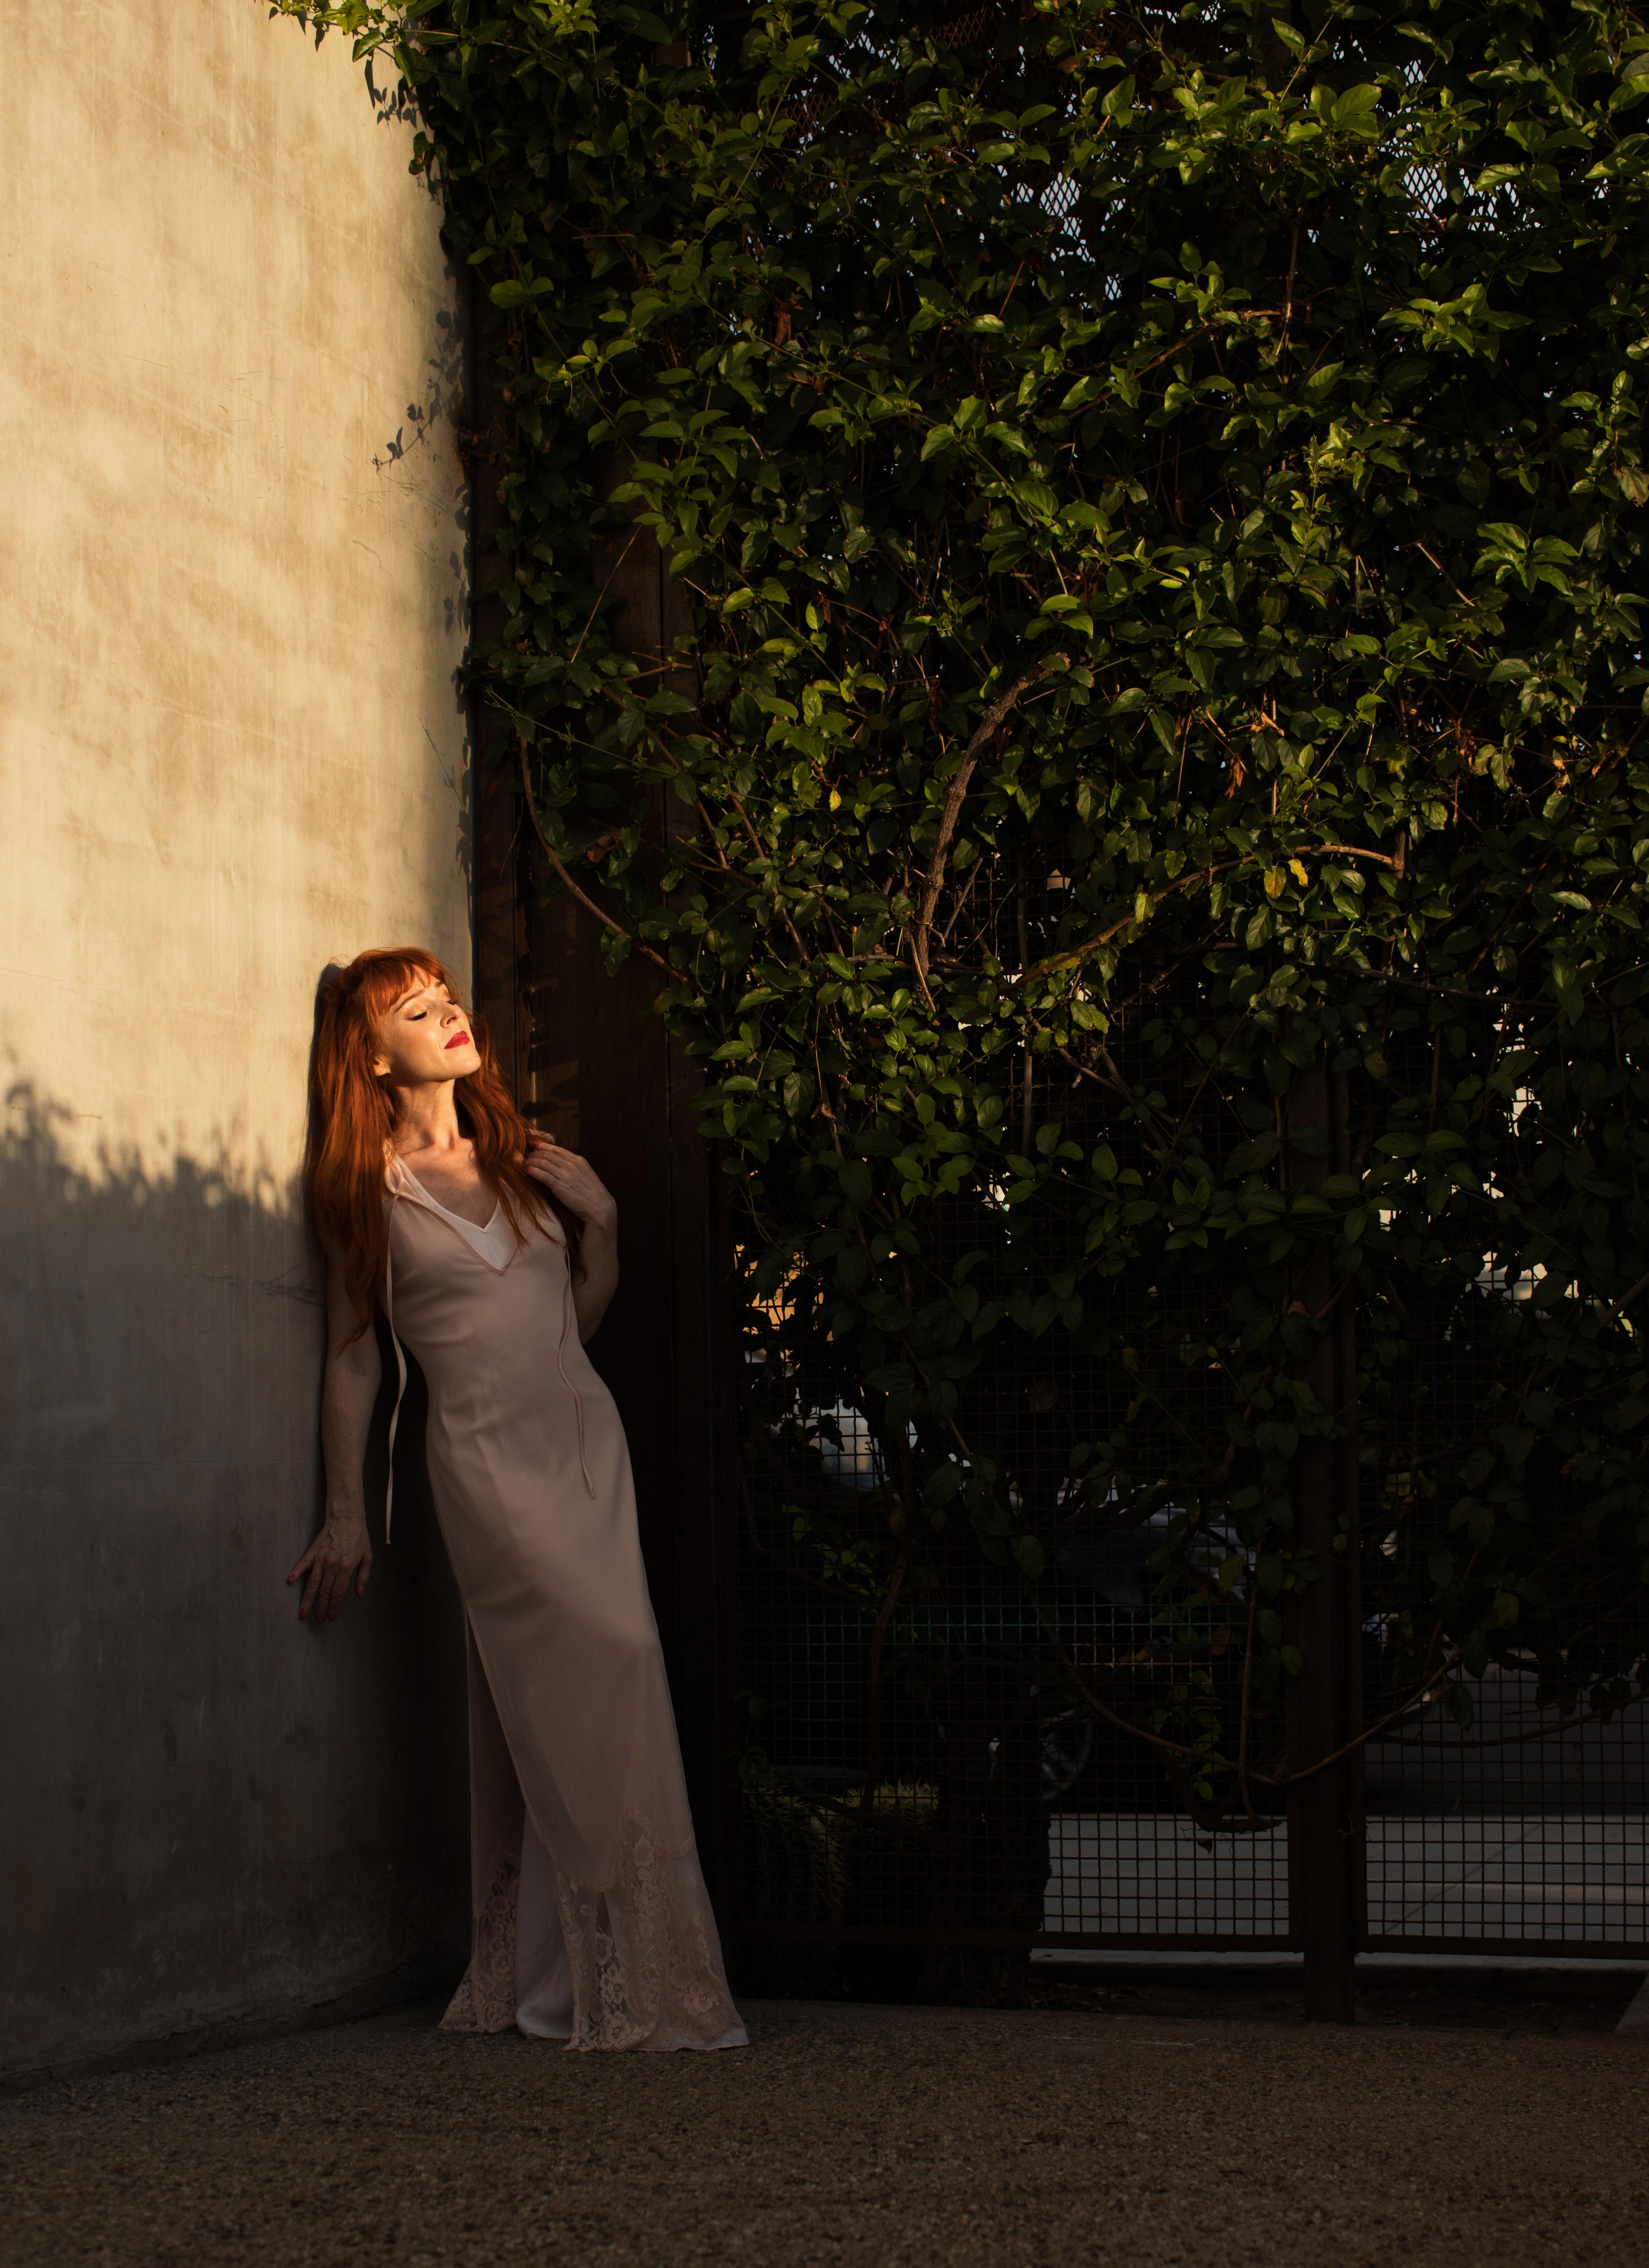 LOS ANGELES PORTRAIT